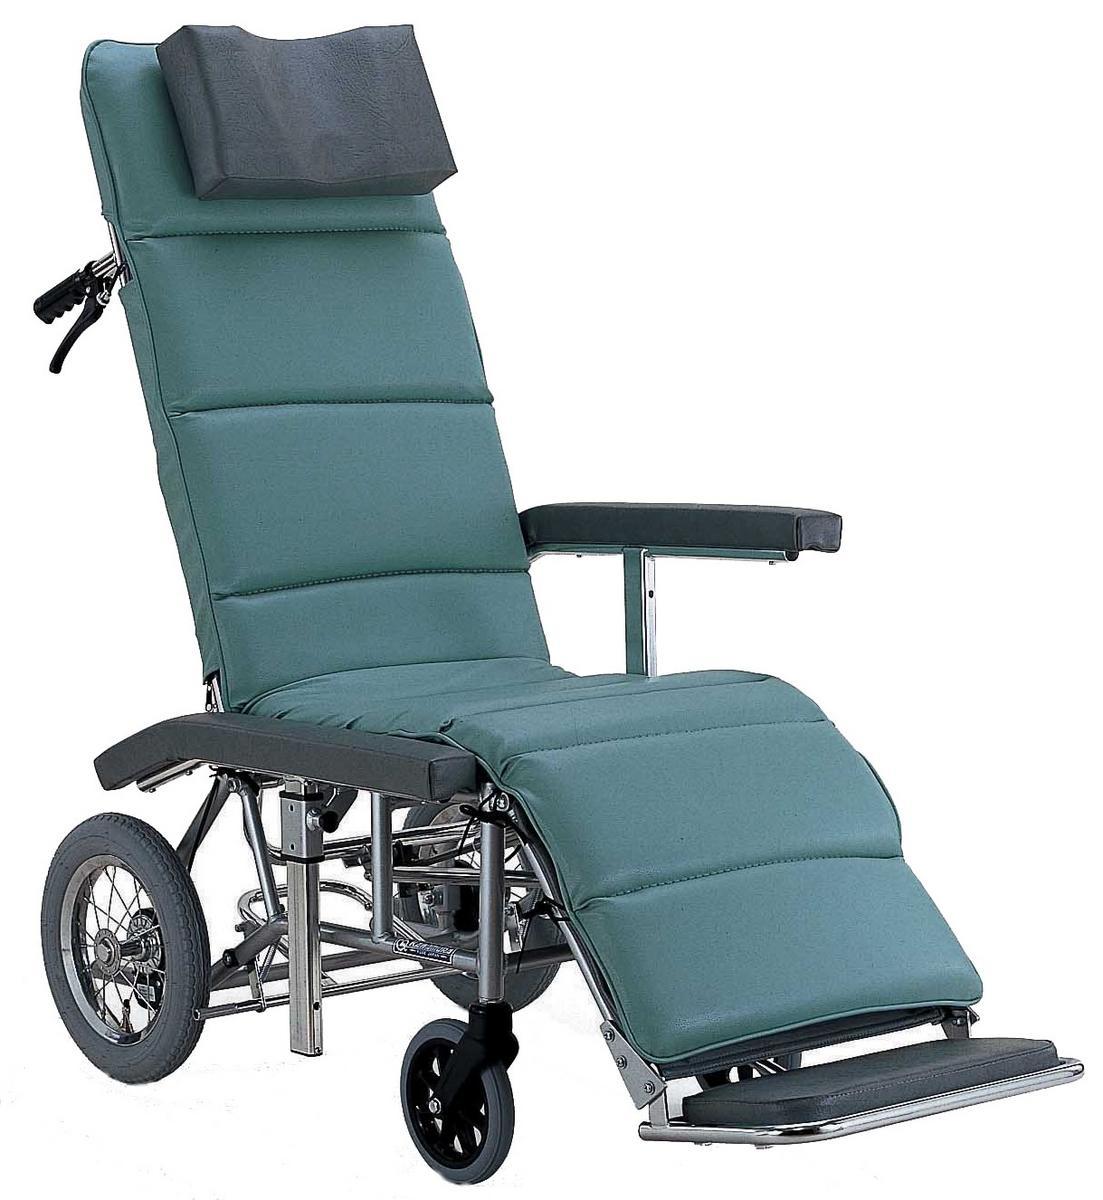 フルリクライニング車椅子(車いす) カワムラサイクル製 RR70NB【メーカー正規保証付き/条件付き送料無料】